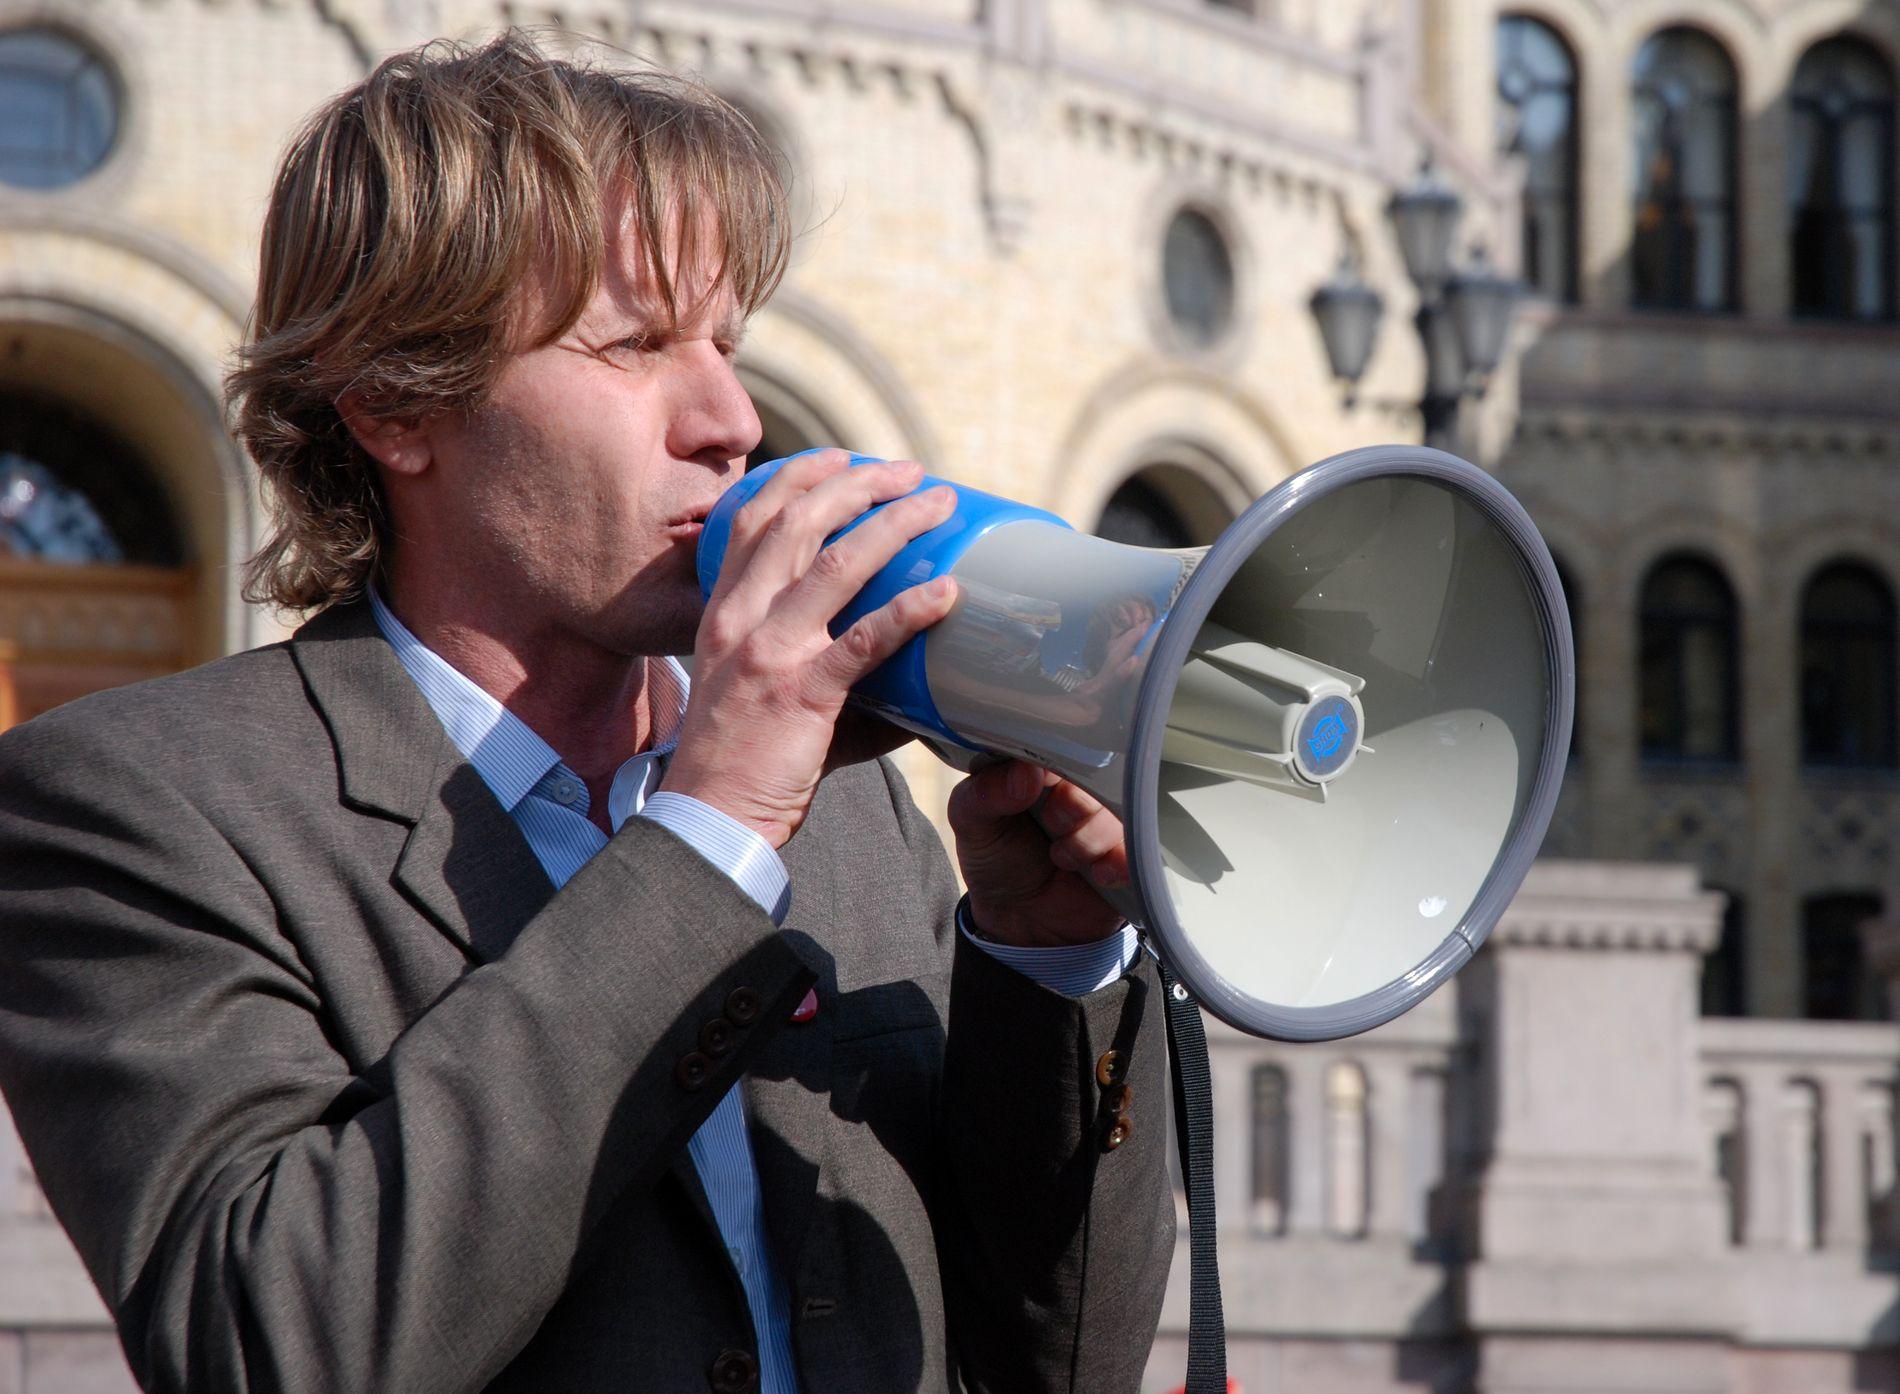 BEKYMRET: Generalsekretær i Amnesty International Norge, John Peder Egenæs, er bekymret for holdningene og verdiene som formidles i russelåta «The Sopranos 2017».